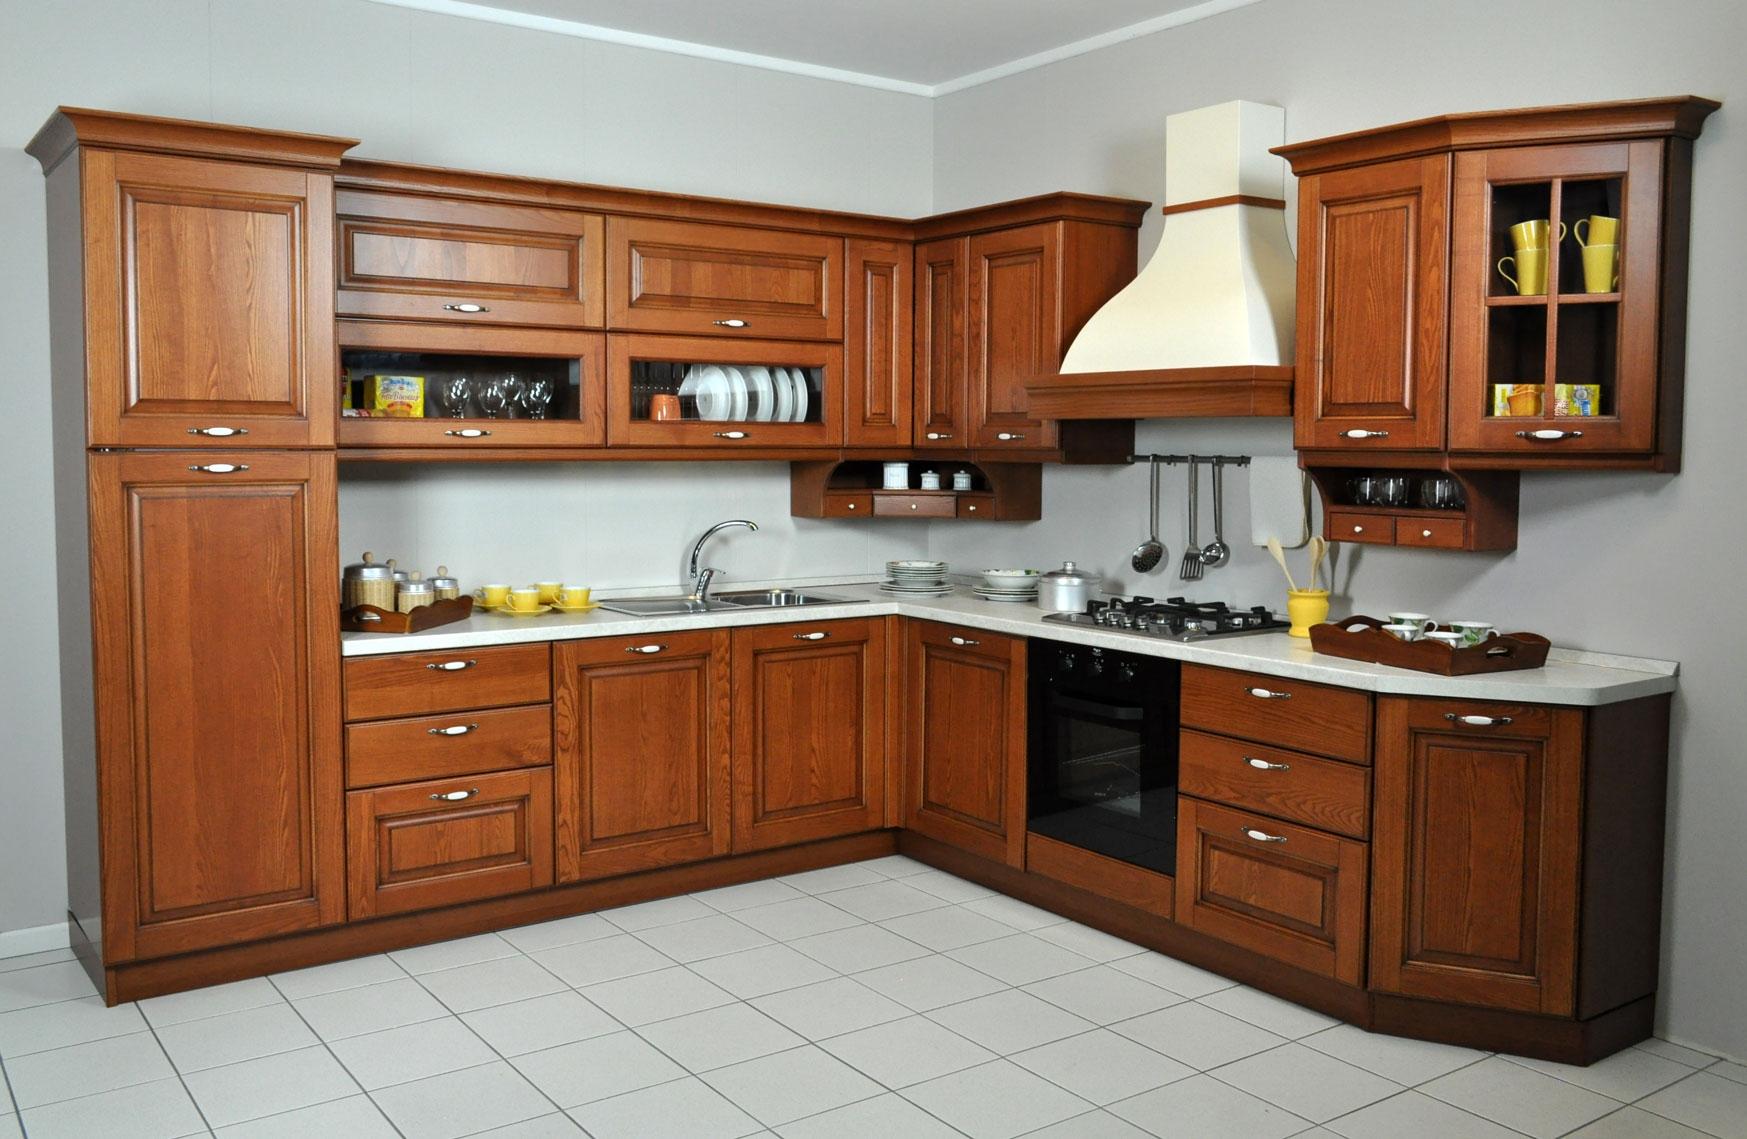 Cucina angolare veneta cucine con elettrodomestici - Prezzi veneta cucine ...